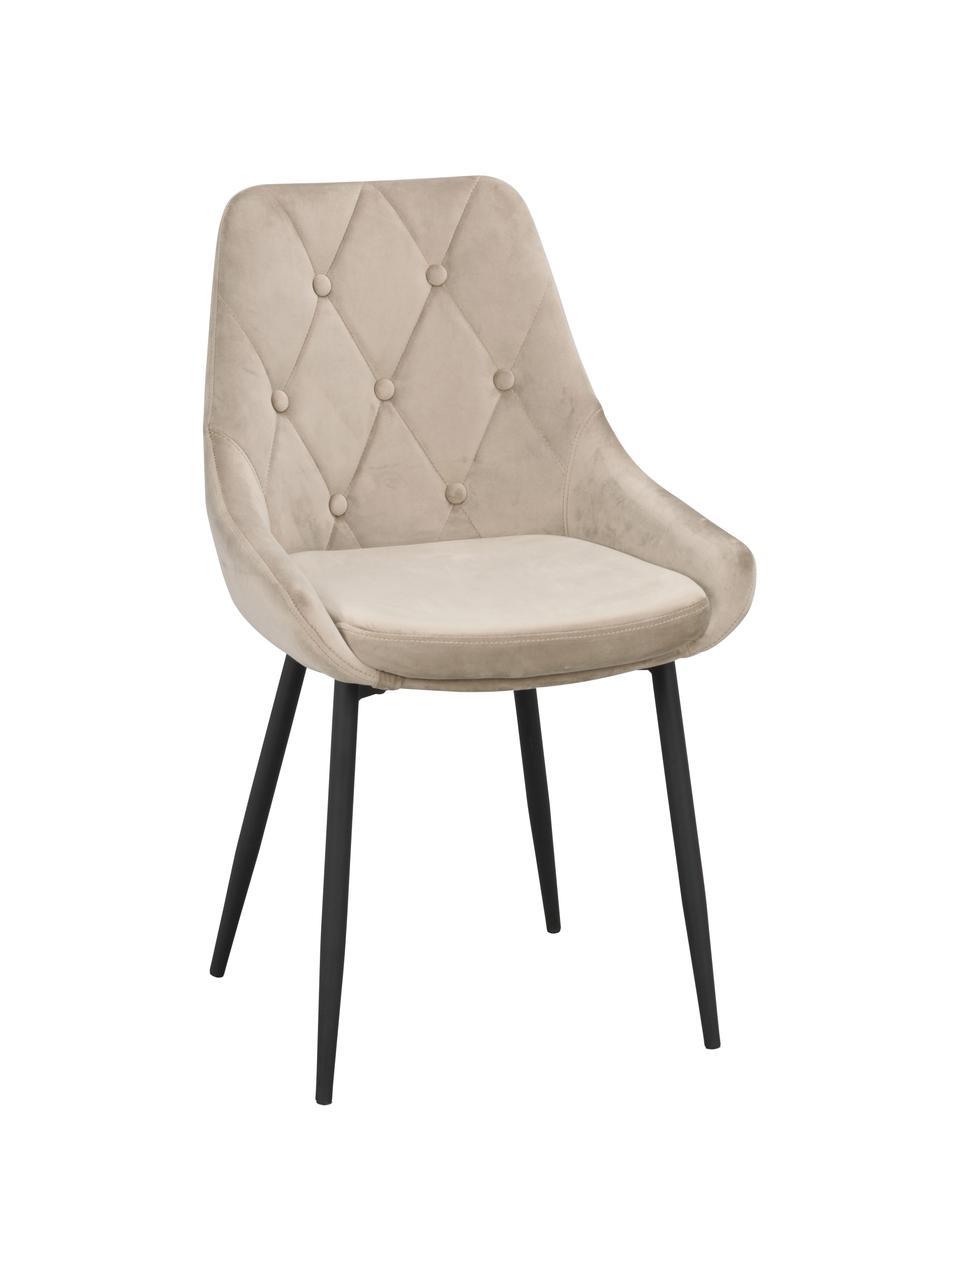 Sedia imbottita in velluto Alberton 2 pz, Rivestimento: 100% velluto di poliester, Gambe: metallo verniciato, Beige, nero, Larg. 59 x Alt. 62 cm